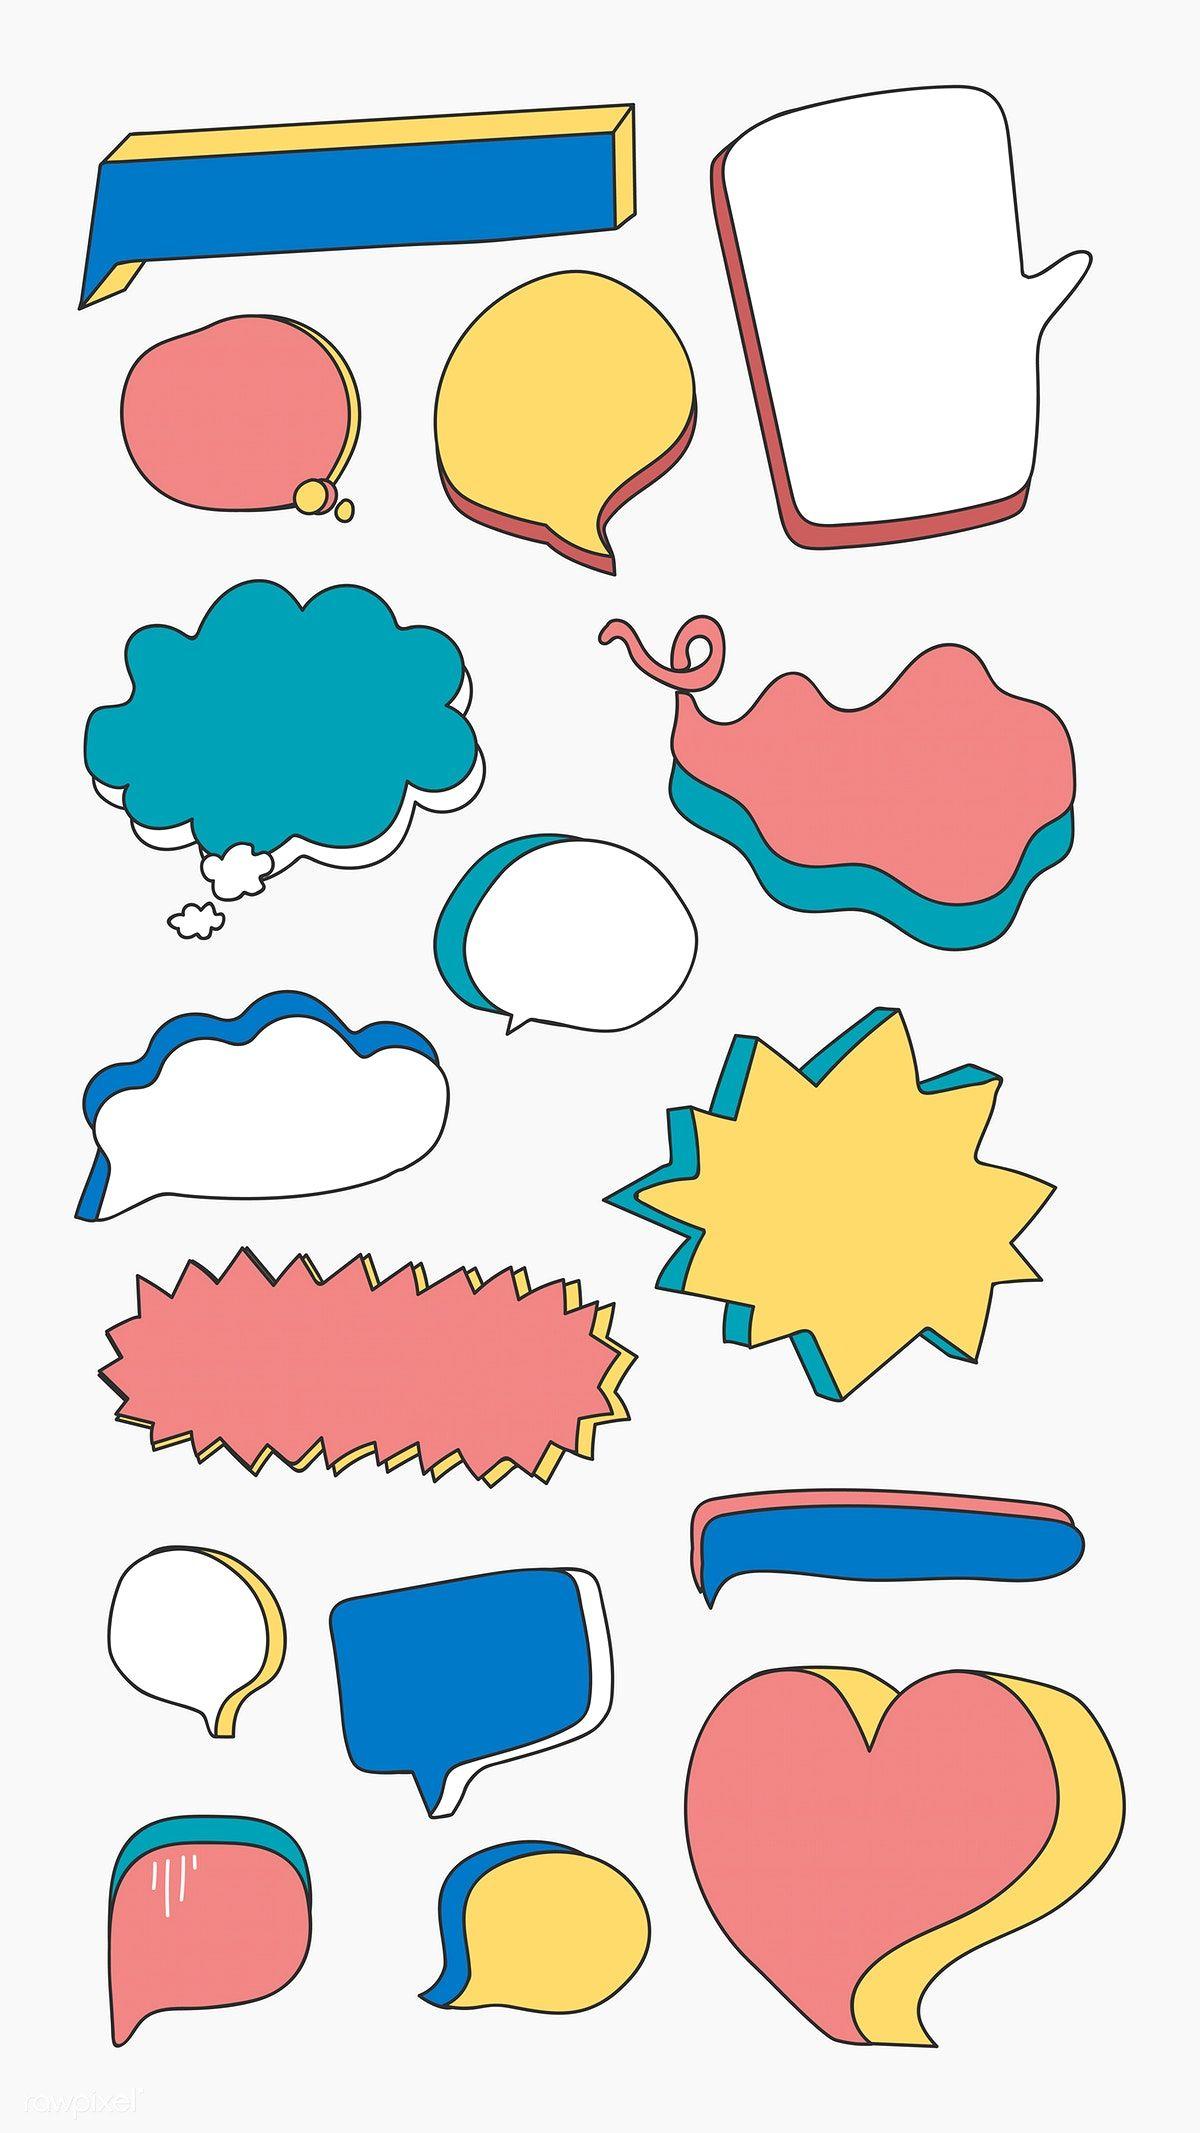 Colorful doodle speech bubble vectors collection free